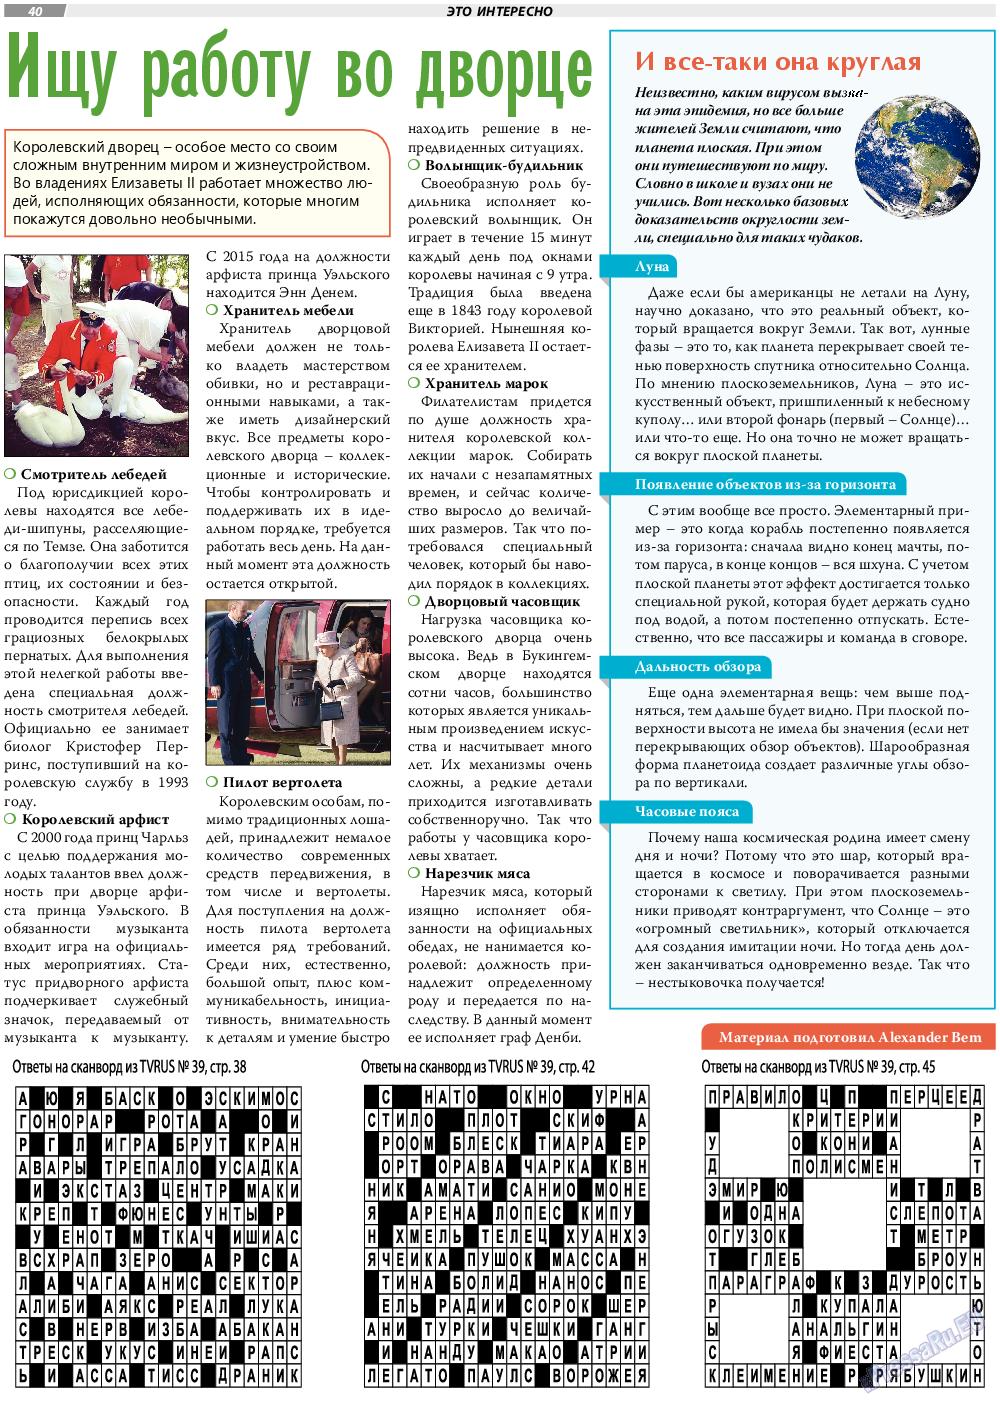 TVrus (газета). 2020 год, номер 40, стр. 40